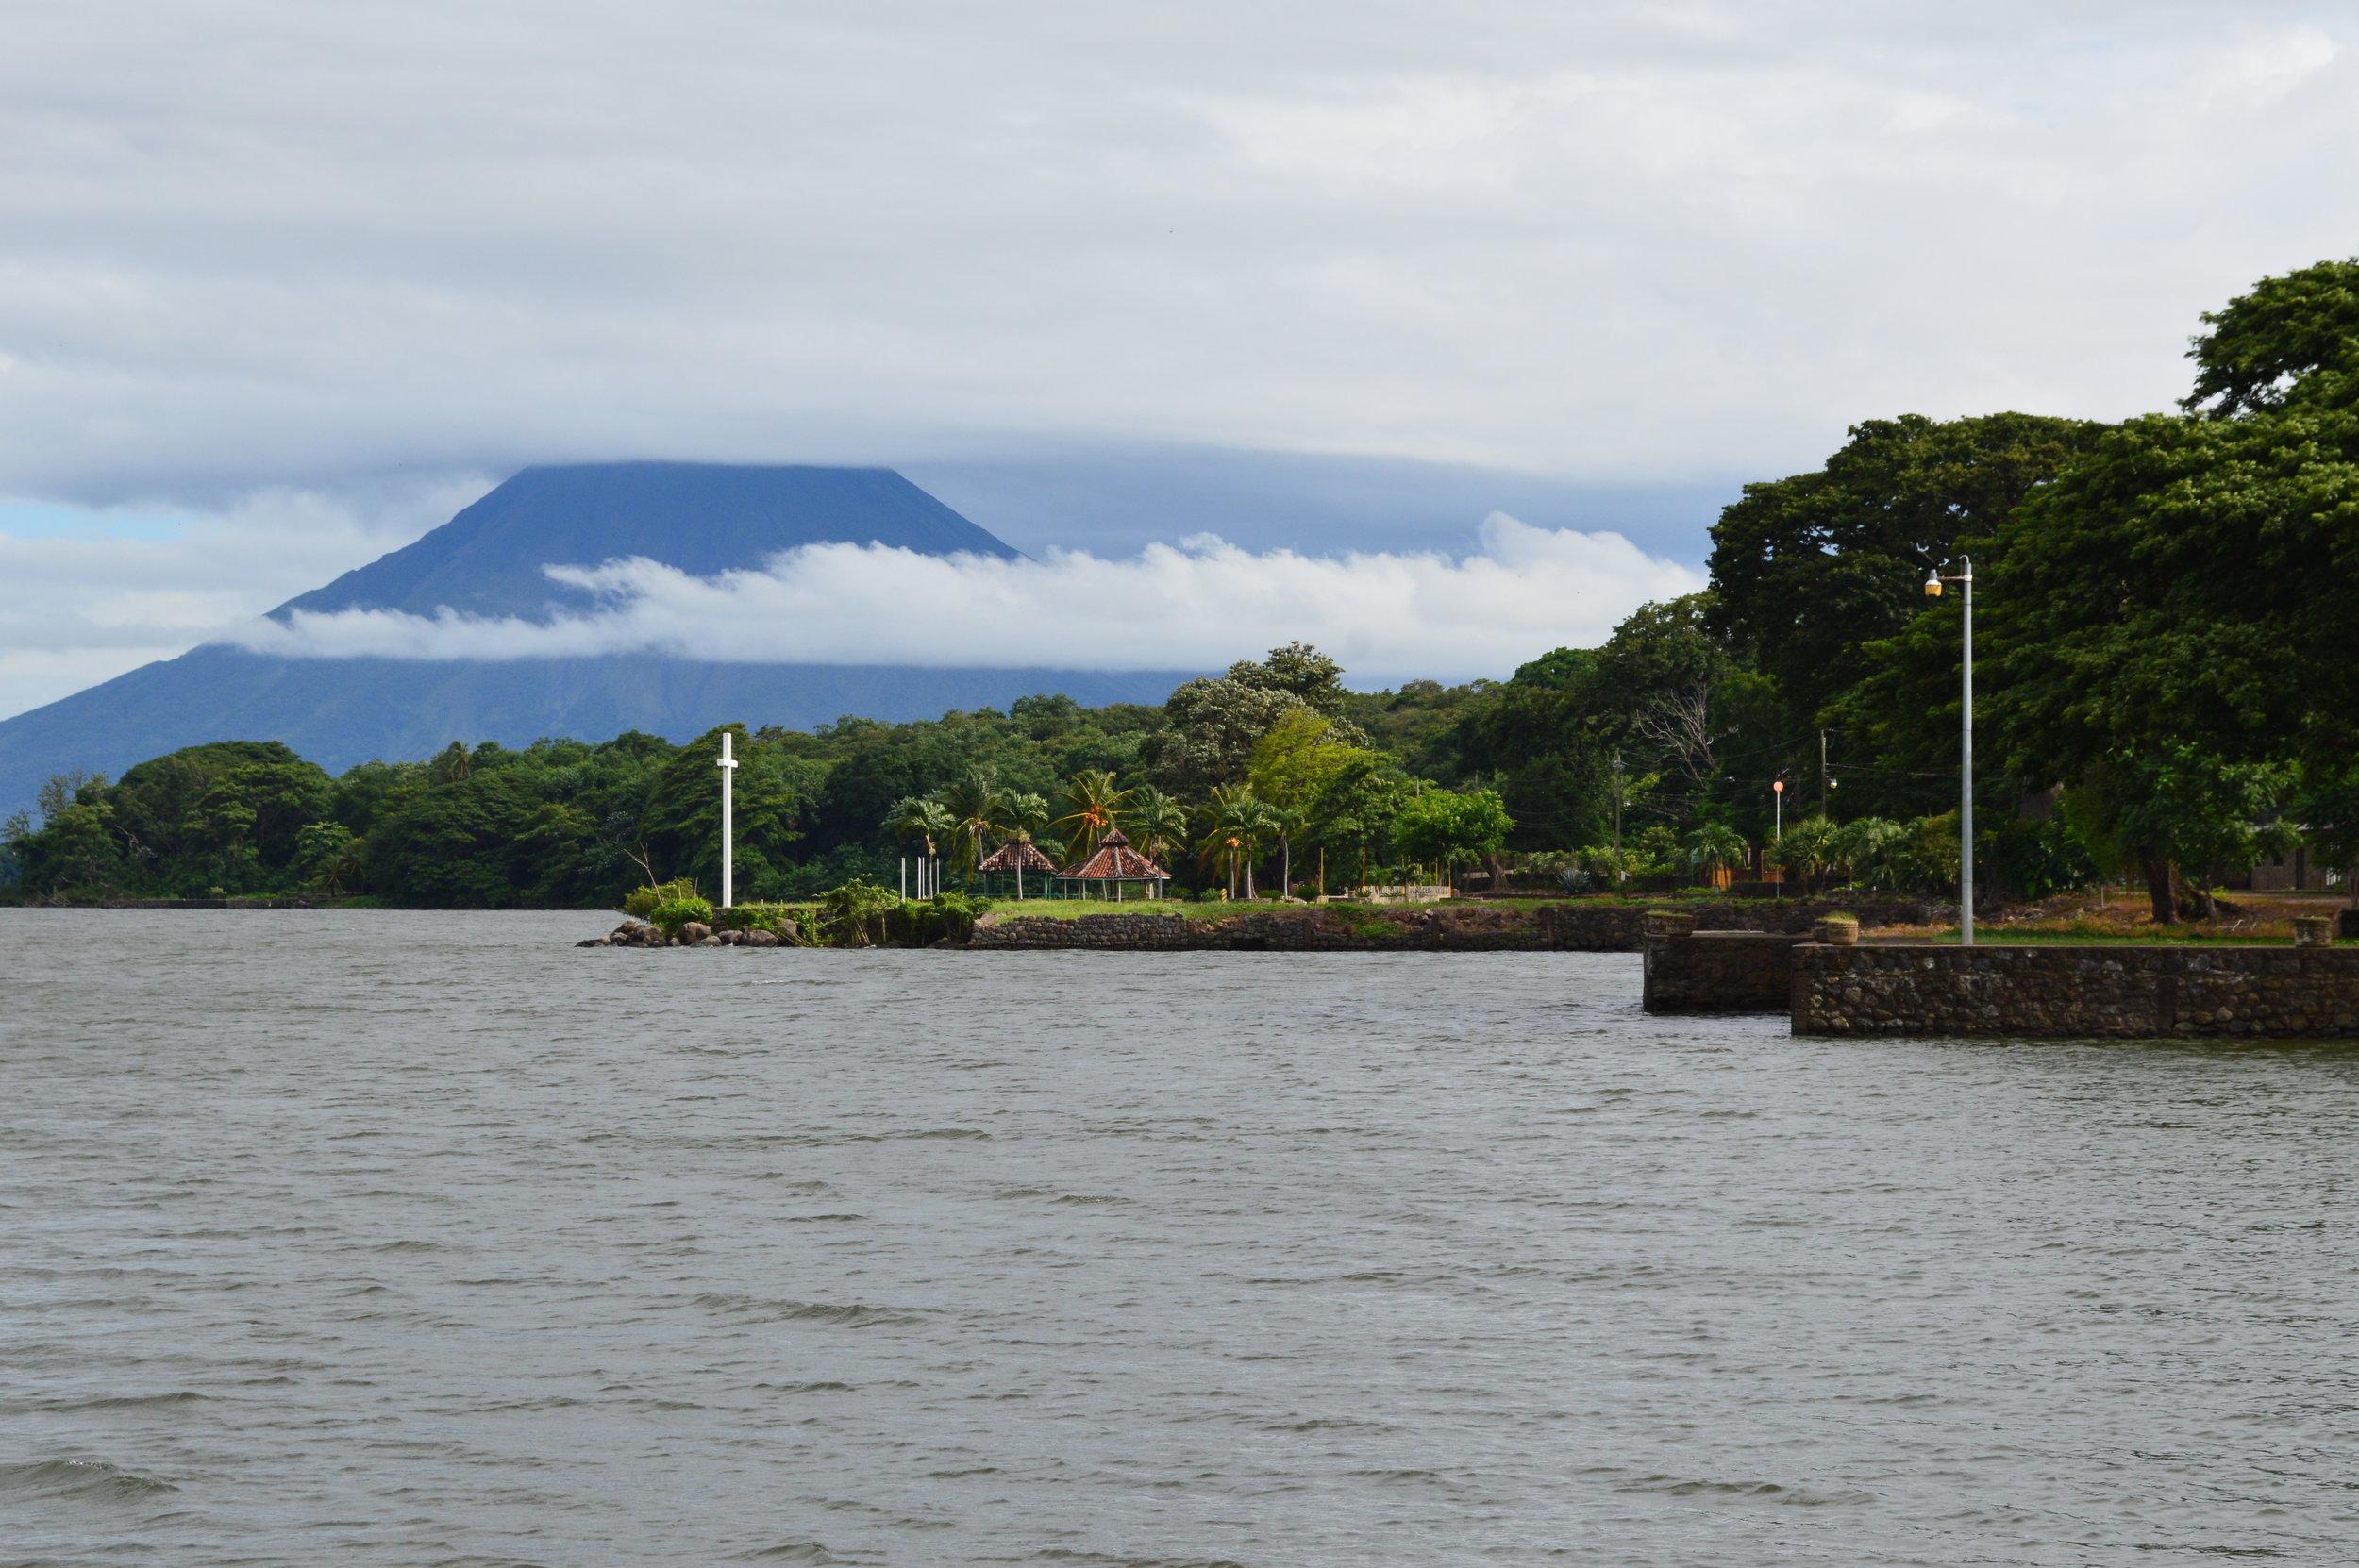 Volcan La Concepcion in the distance